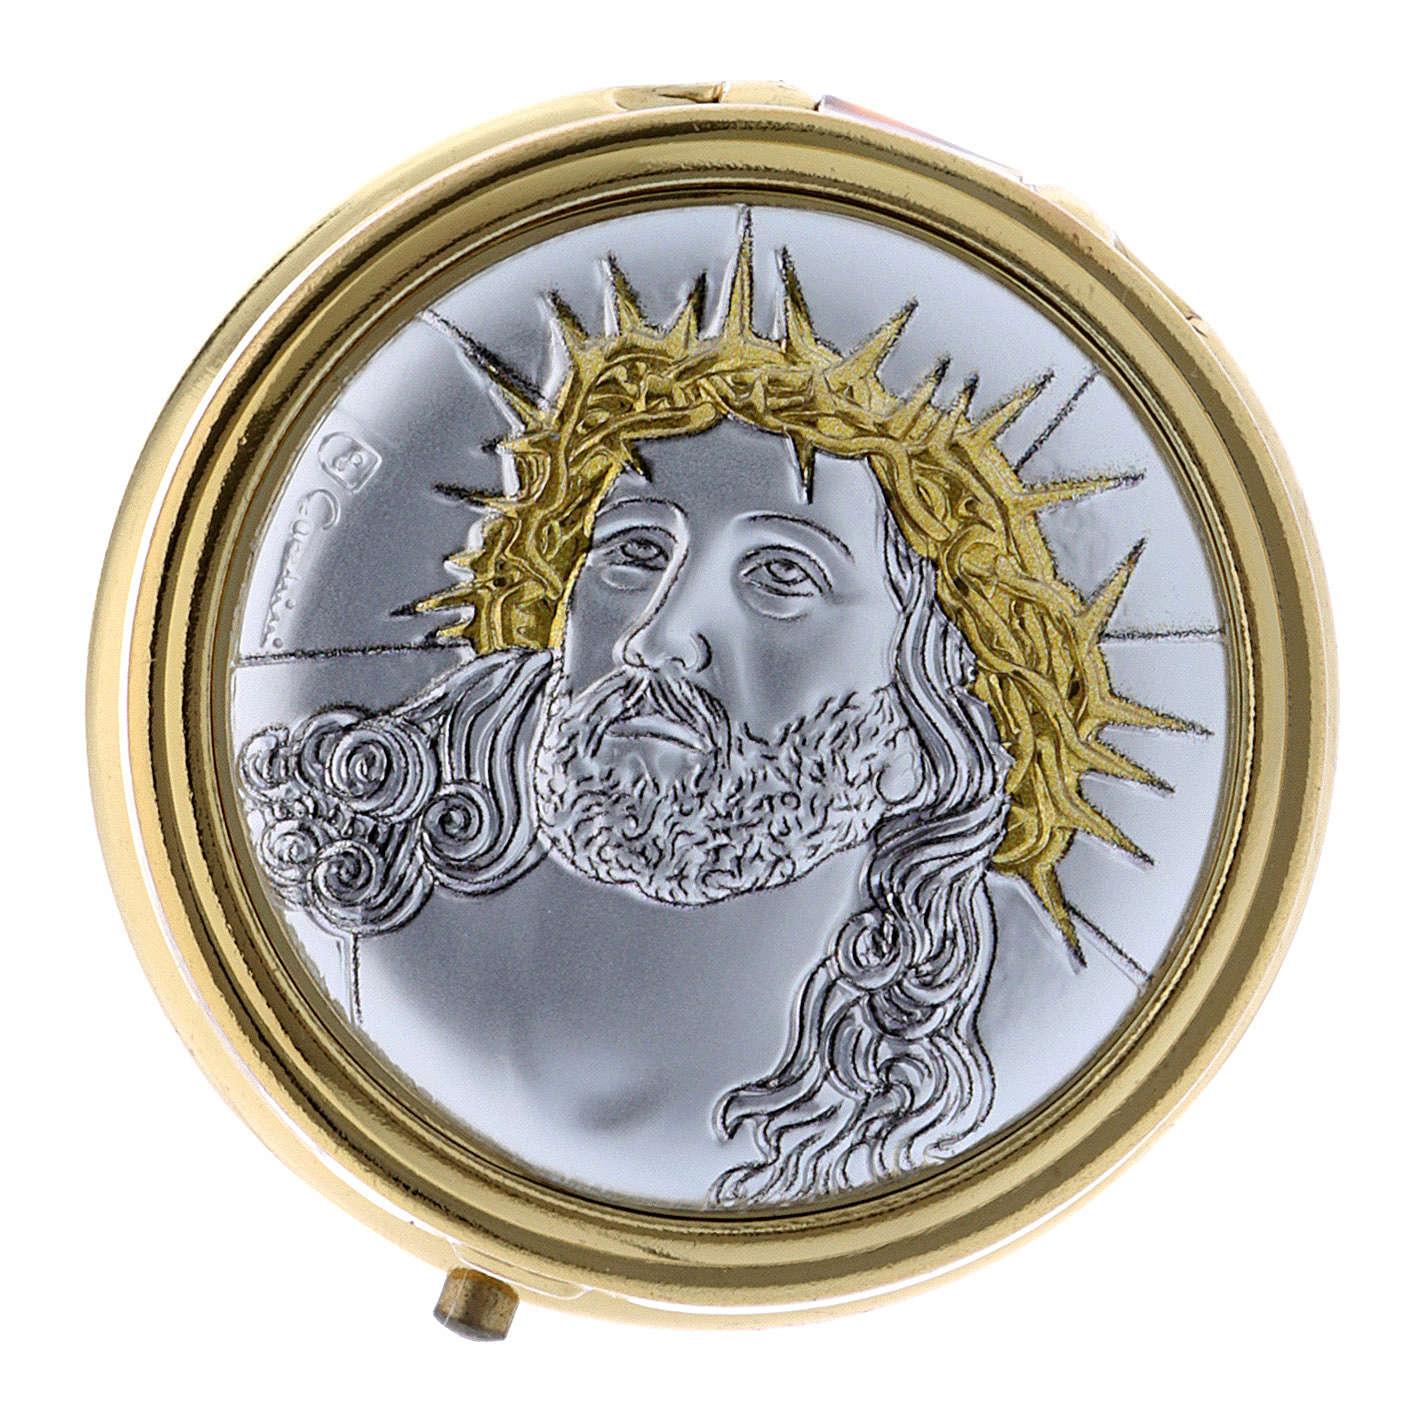 Portaostia Ecce Homo metallo placca alluminio finiture oro 5 cm 3